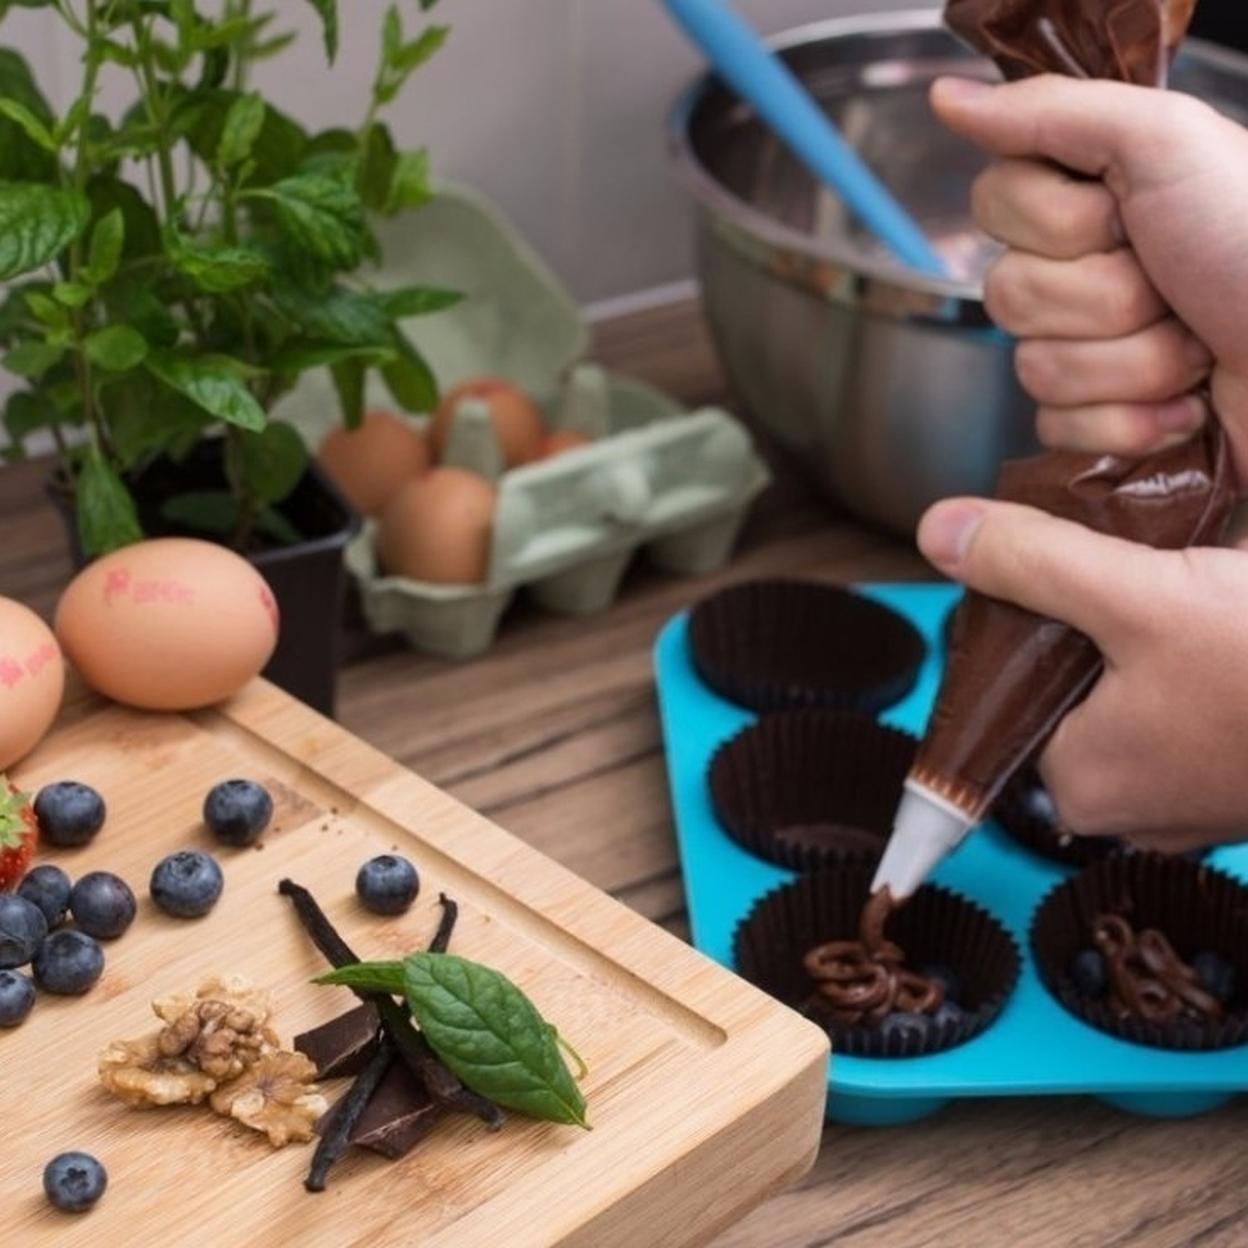 Twelve Cups Silicone Mini Muffin Cake Pan and Cupcake Maker 59f5f4a42a00e42c6a045040